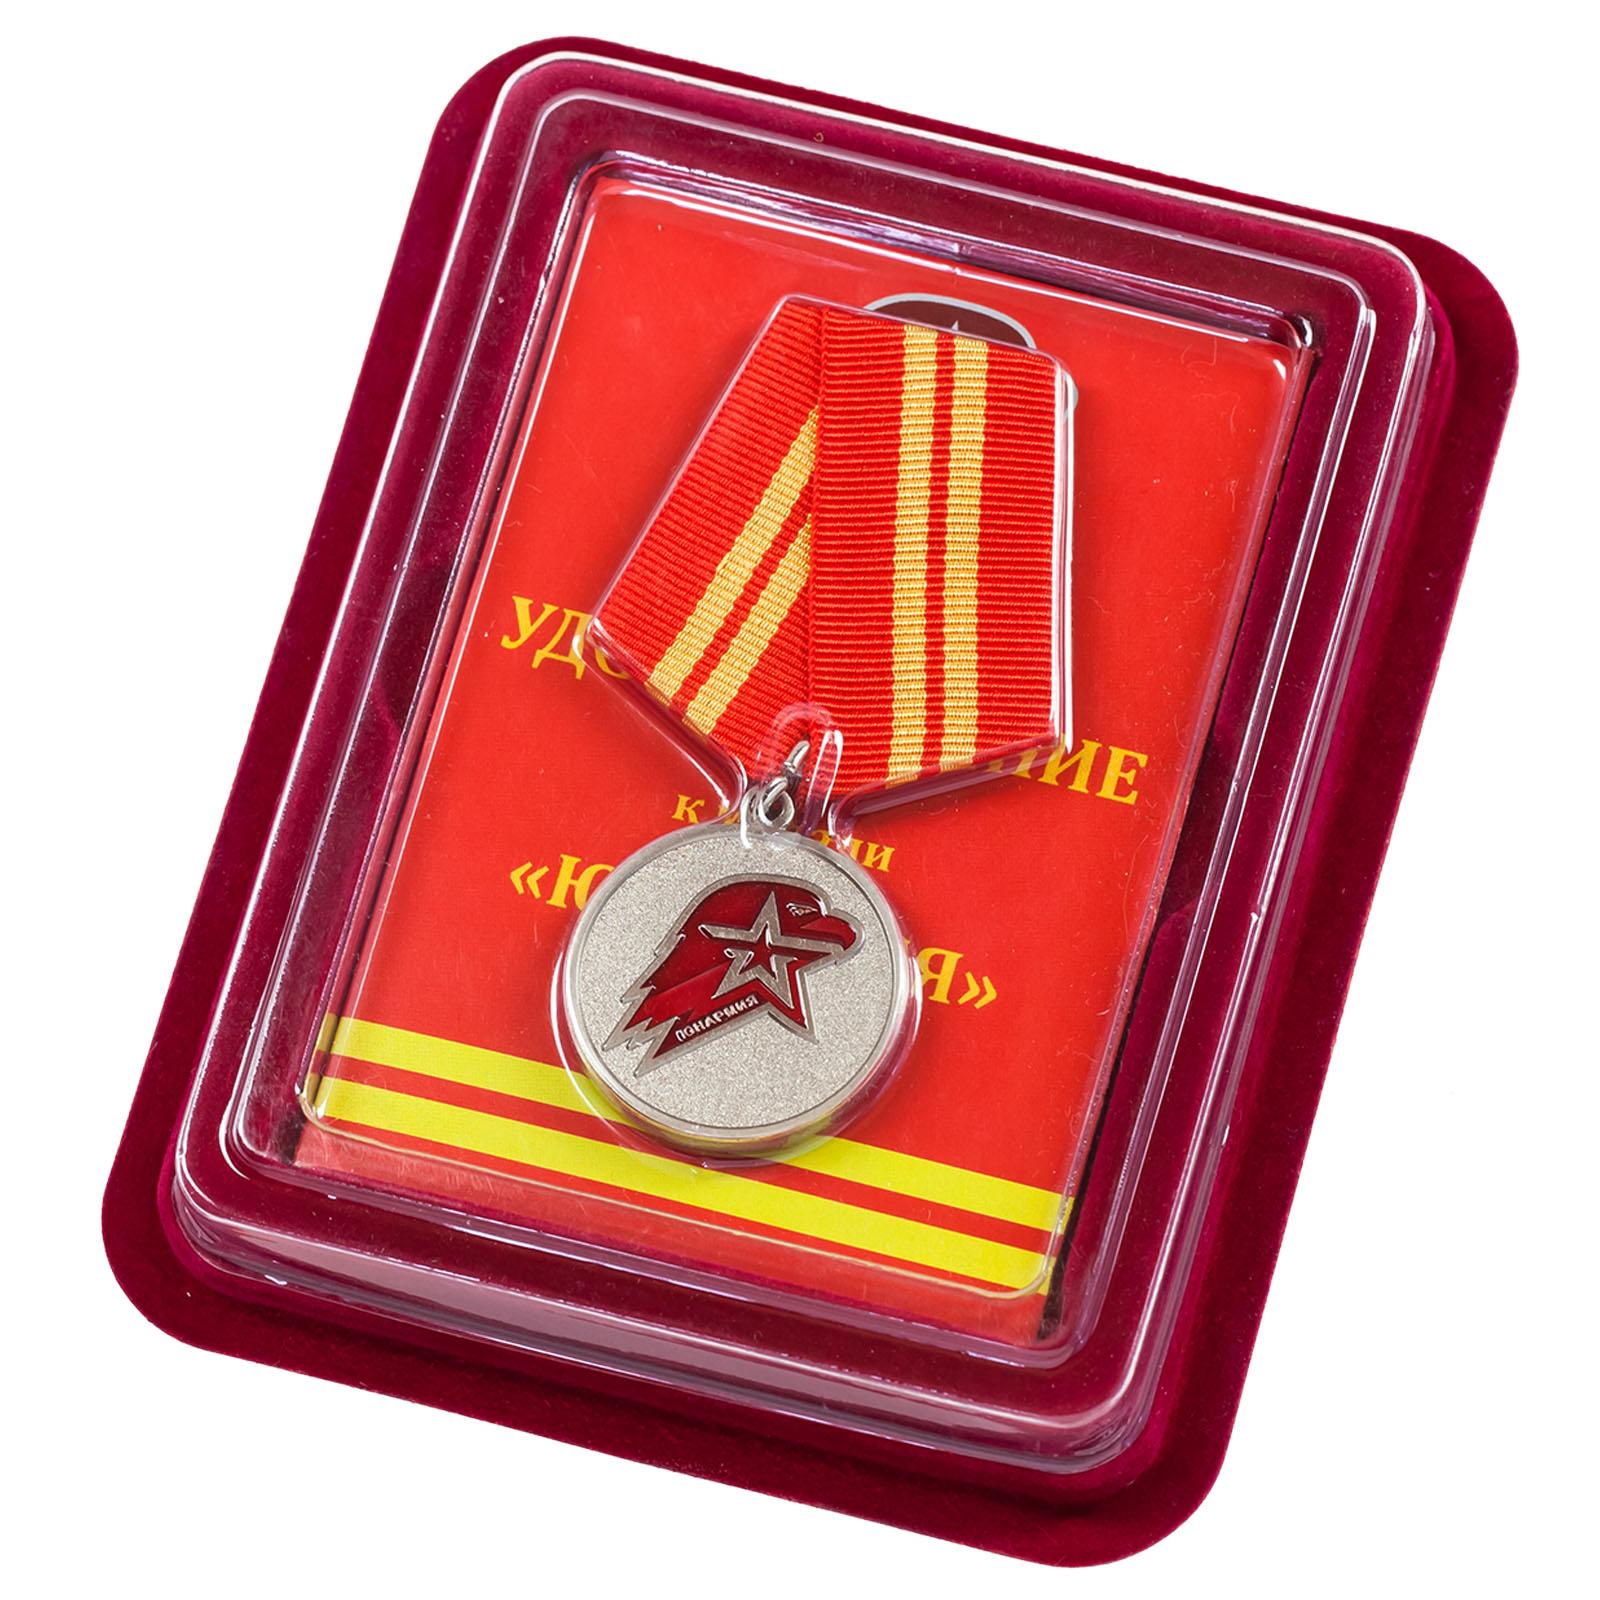 """Медаль """"Юнармия"""" 2 степени в наградном футляре"""